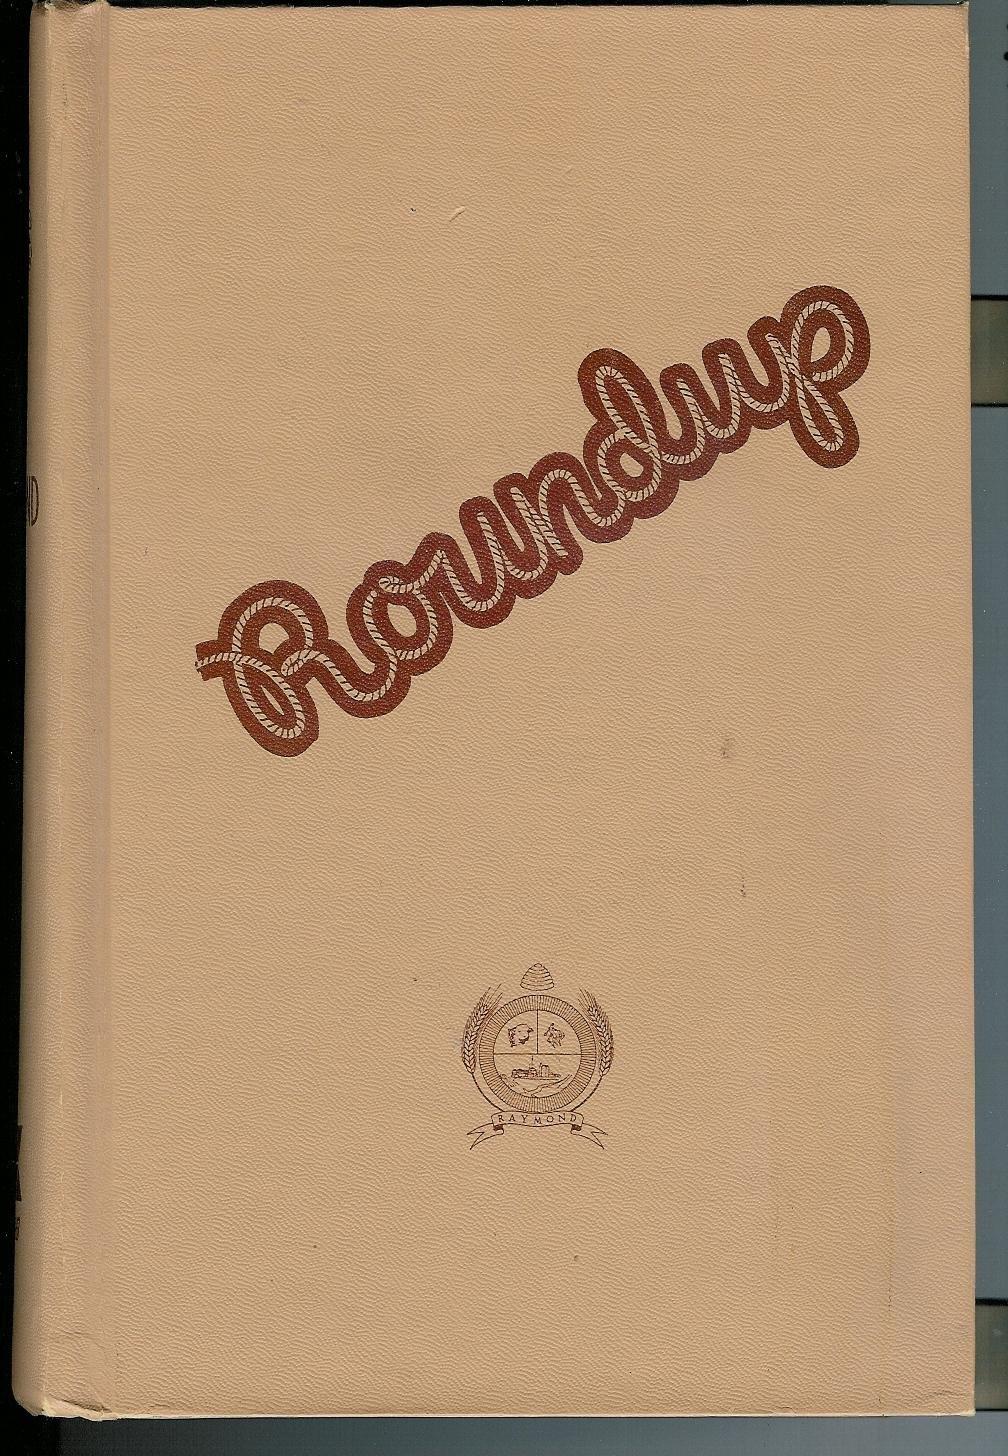 Roundup. Raymond 1902-1967, Hicken, J. Orvin